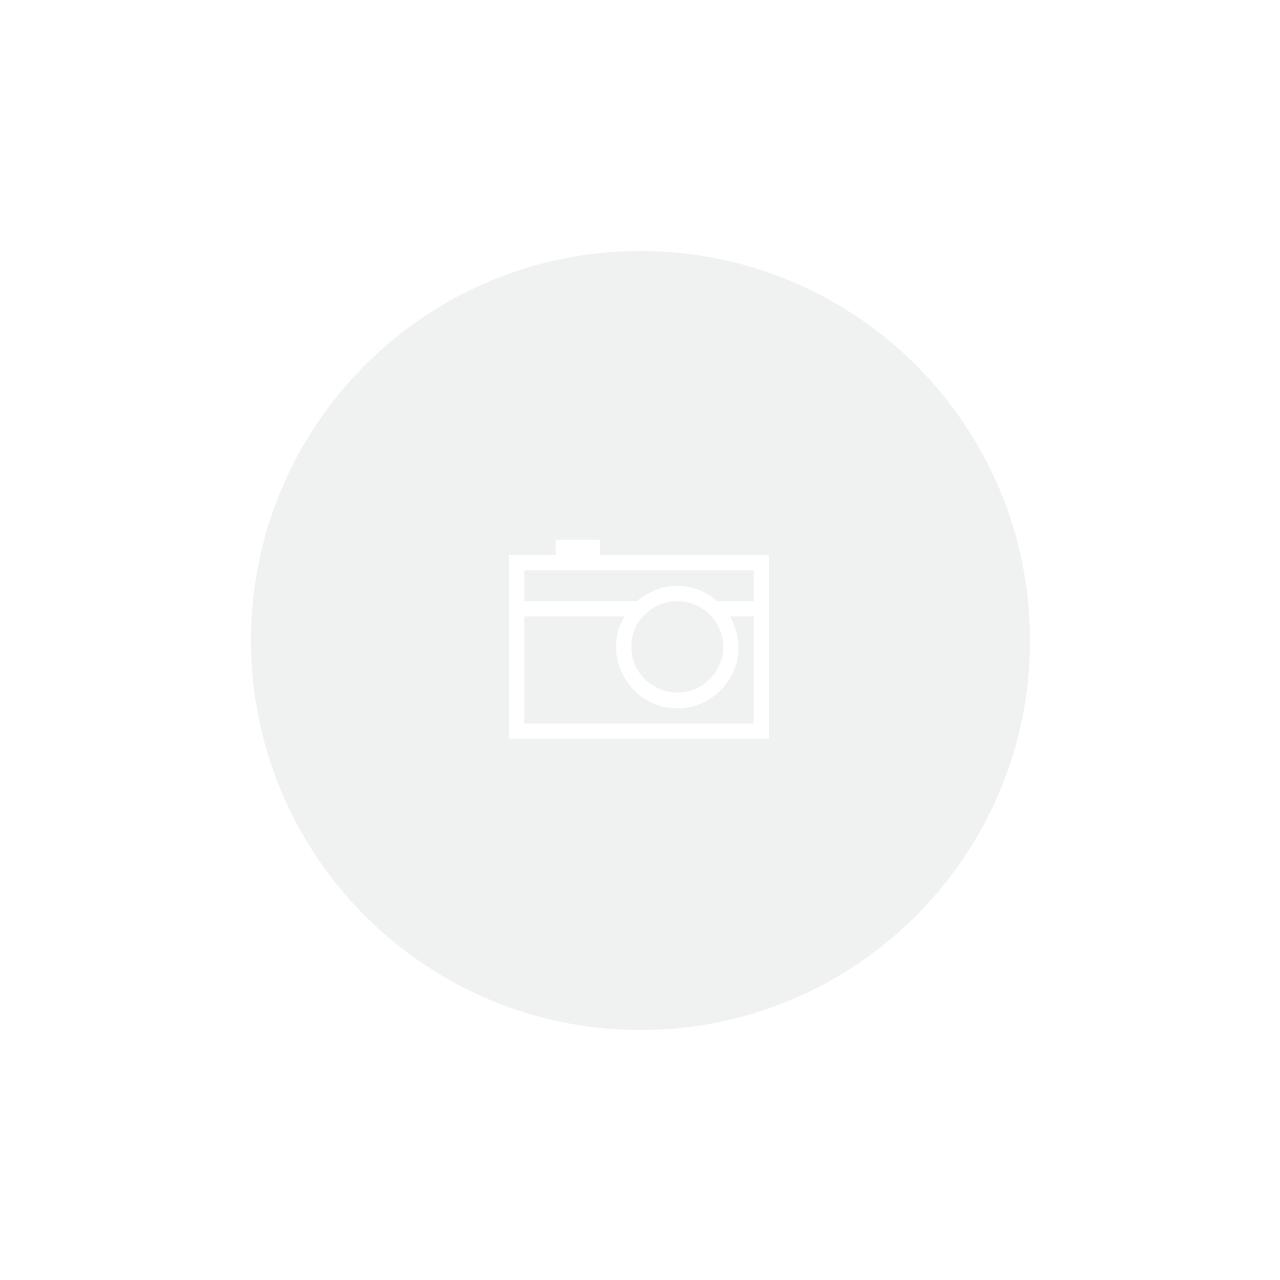 17da485d0 Casaco de Couro De Cabra Masculino Tradicional | Sagace